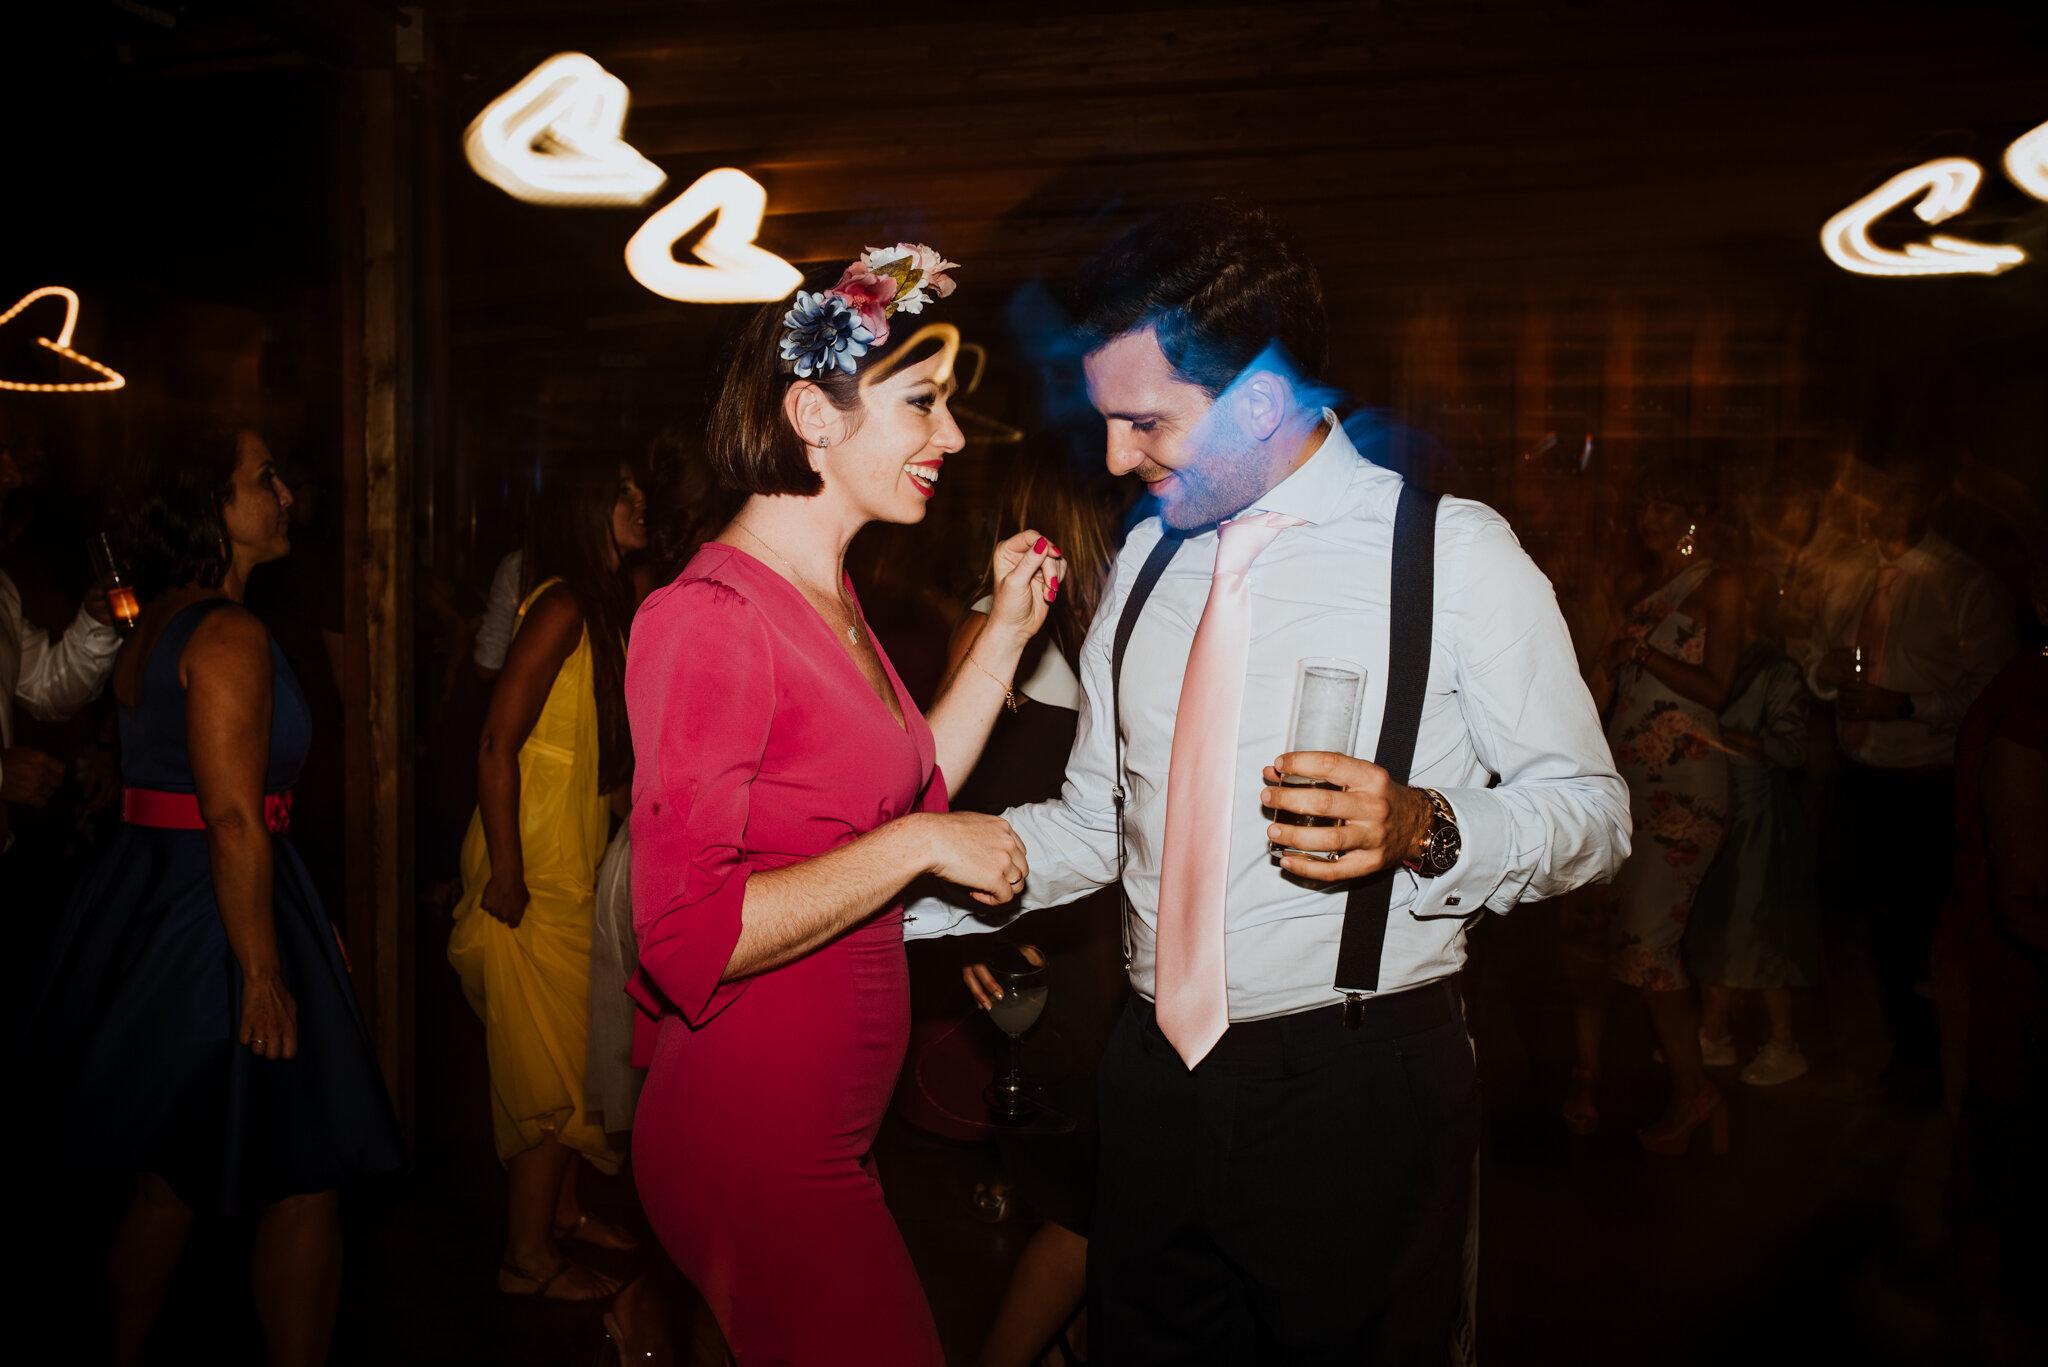 fotografo de bodas las palmas_-140.jpg